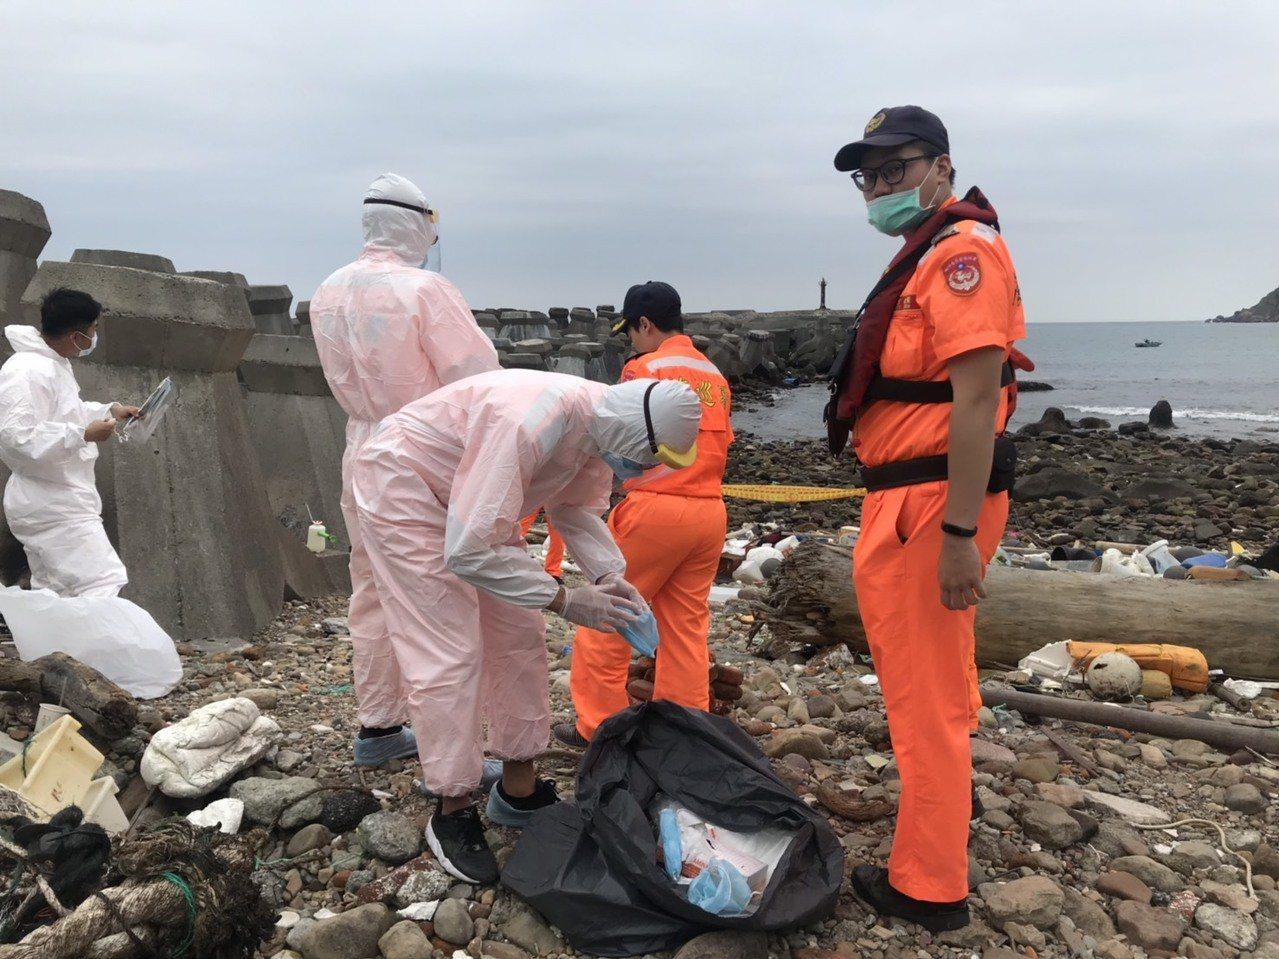 新北市萬里區野柳漁港防波堤外今天4點多,有釣客發現有動物漂進港區內,確認是一頭斃...